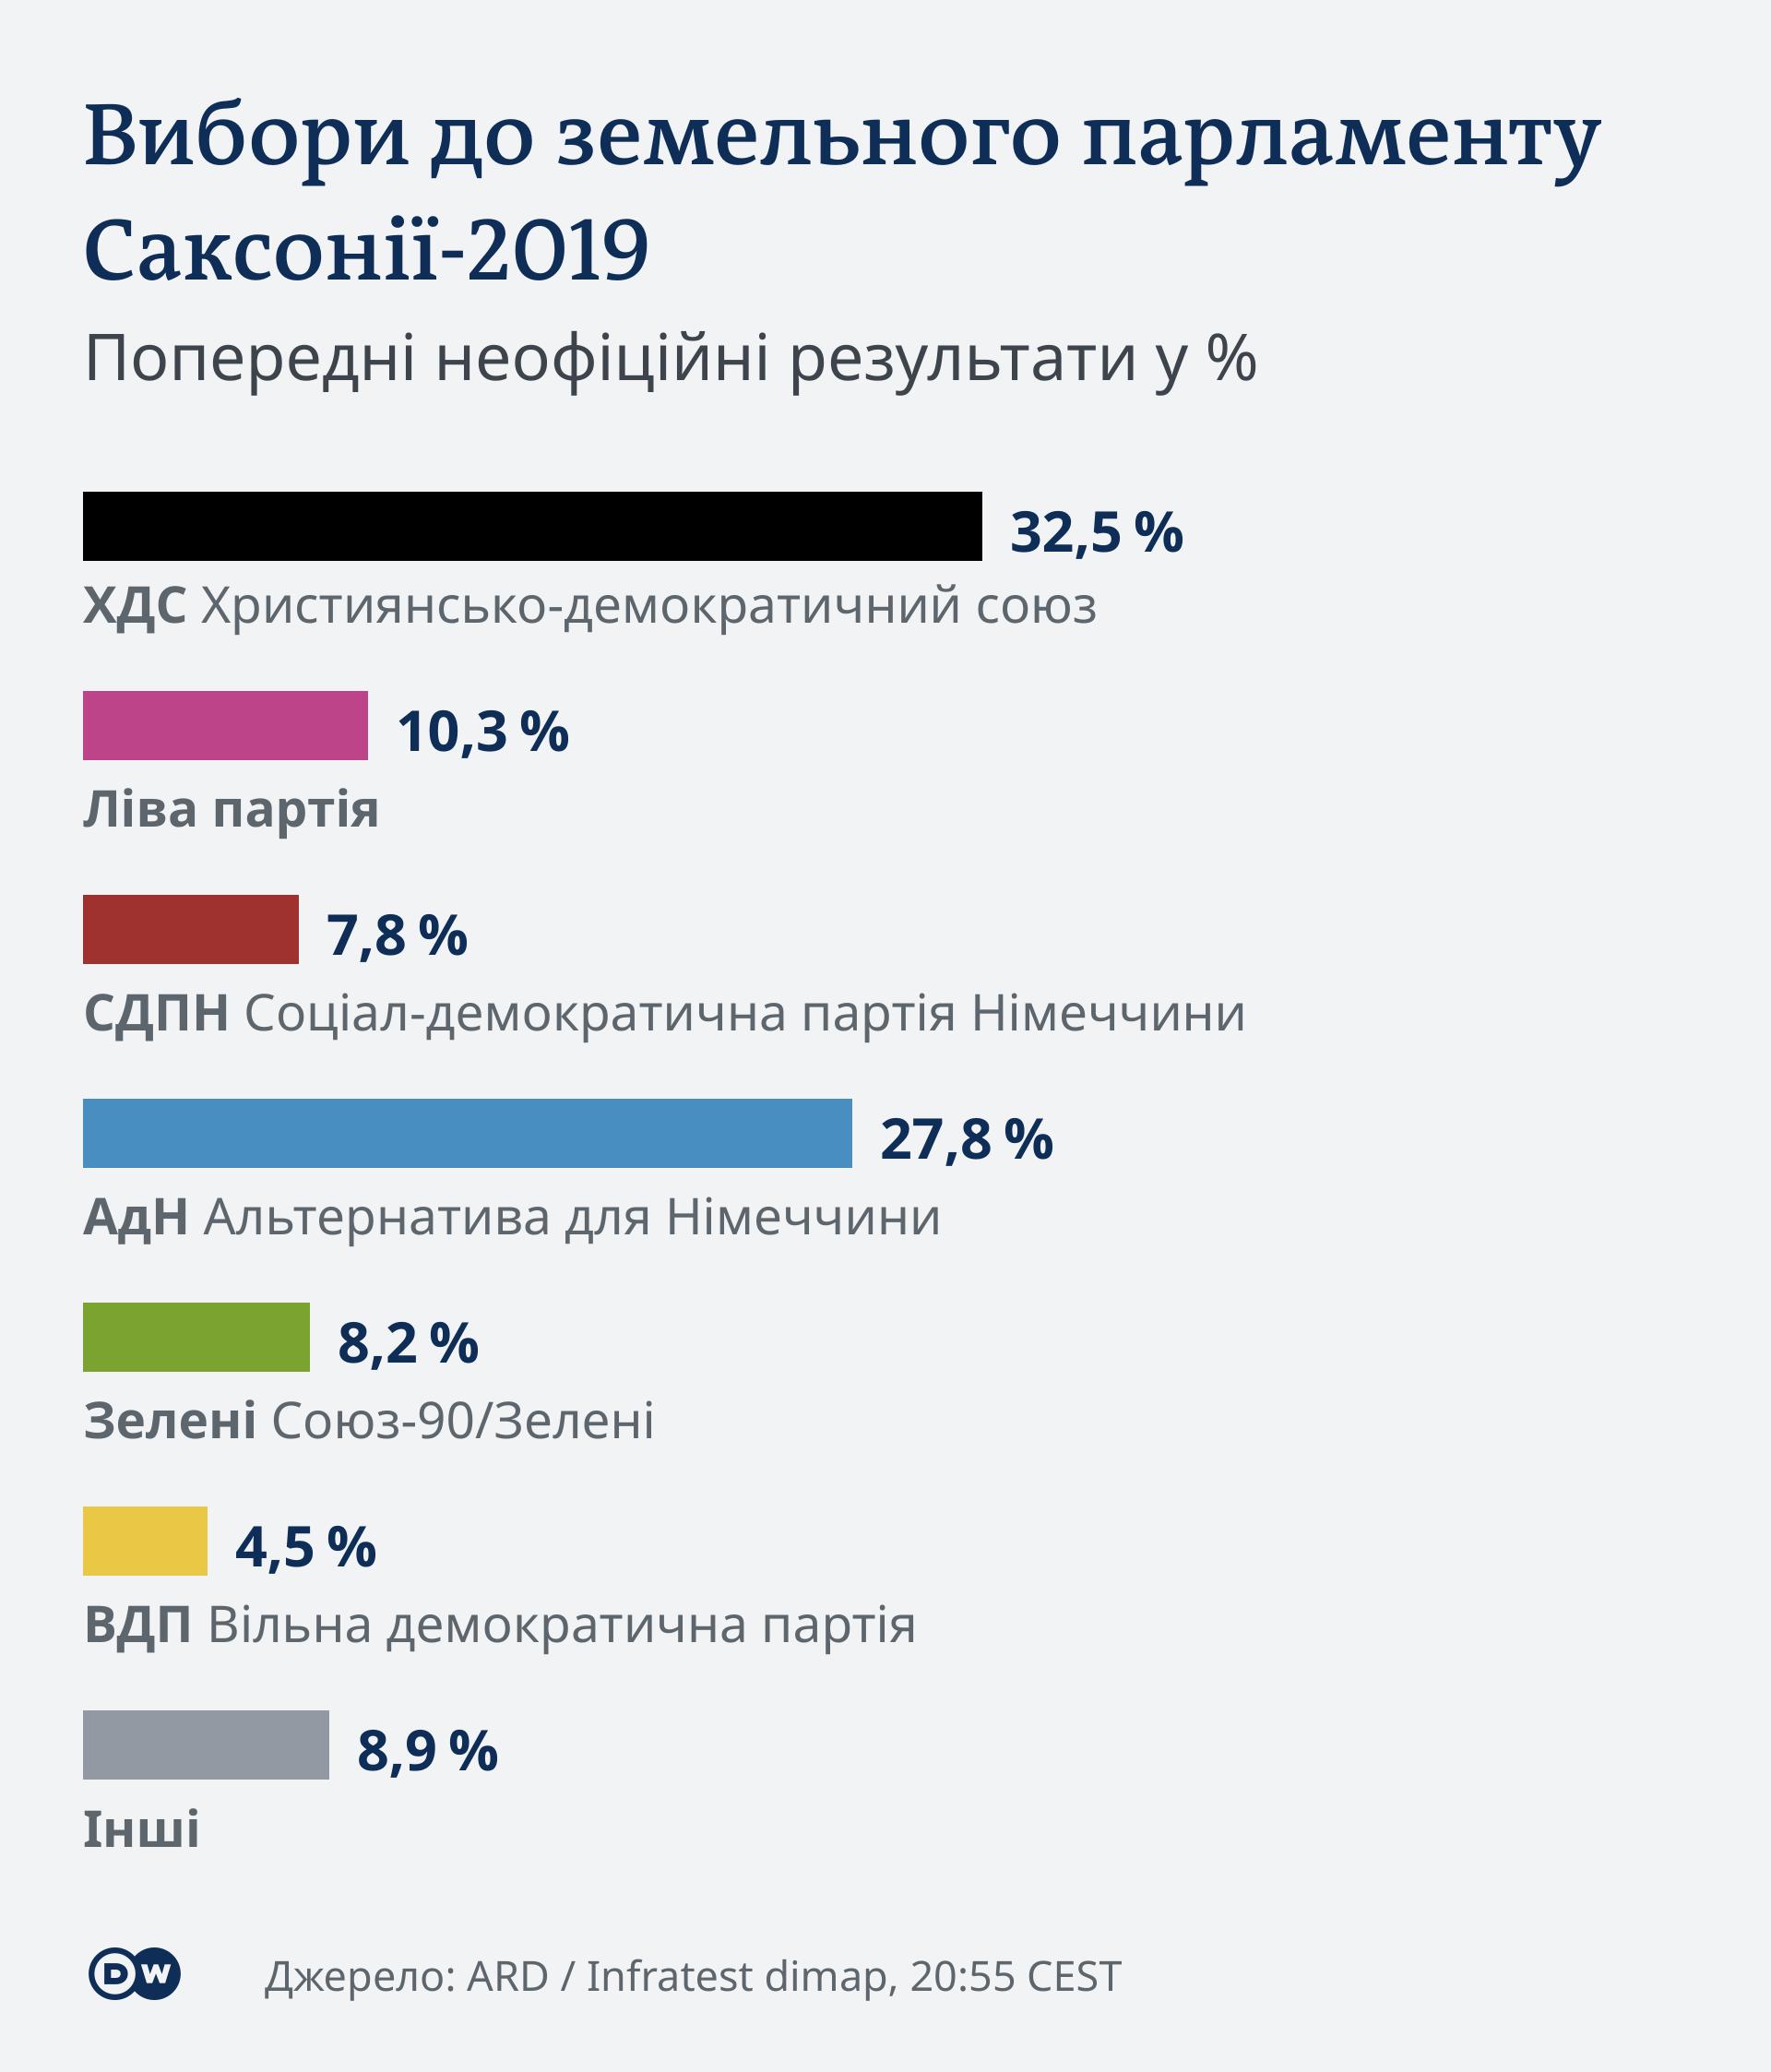 інфографіка, попередні результати земельних виборів у Саксонії